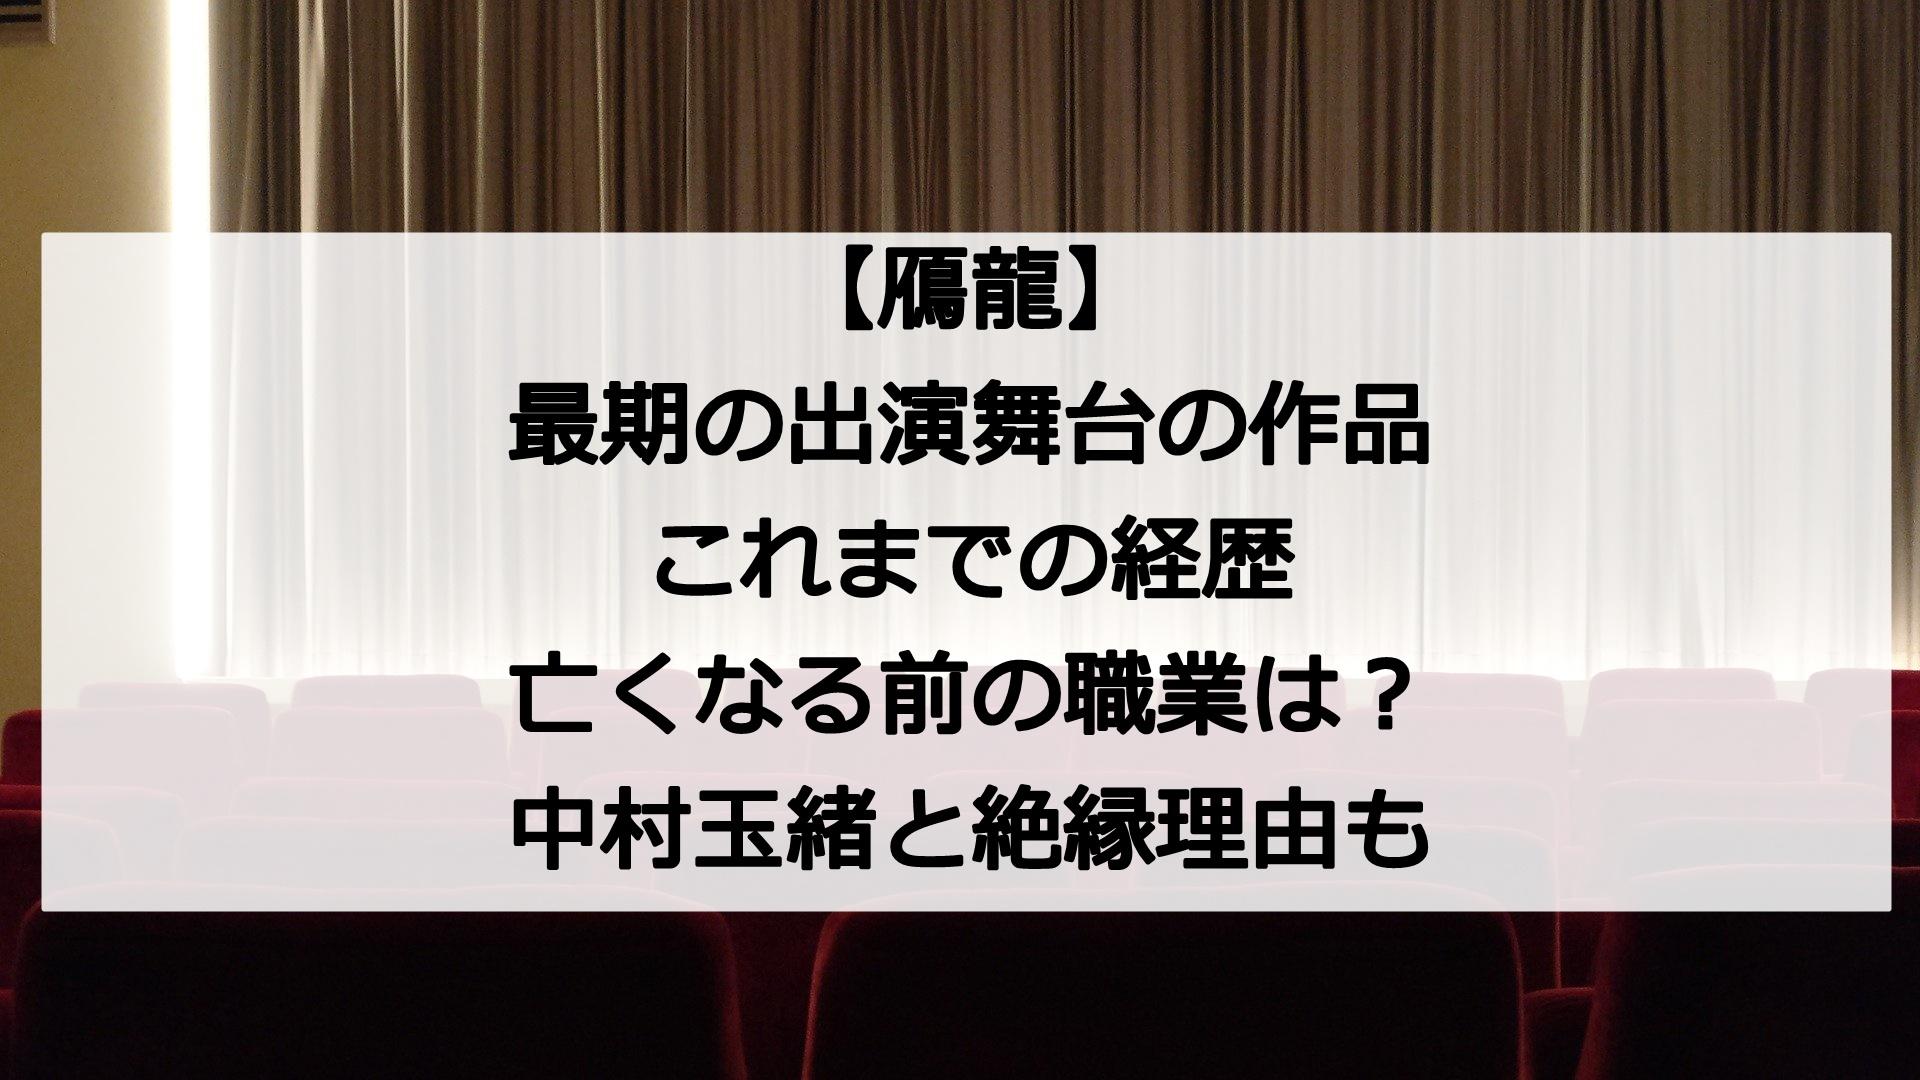 鴈龍|最後の出演舞台は何?今までの経歴や職業についても徹底調査